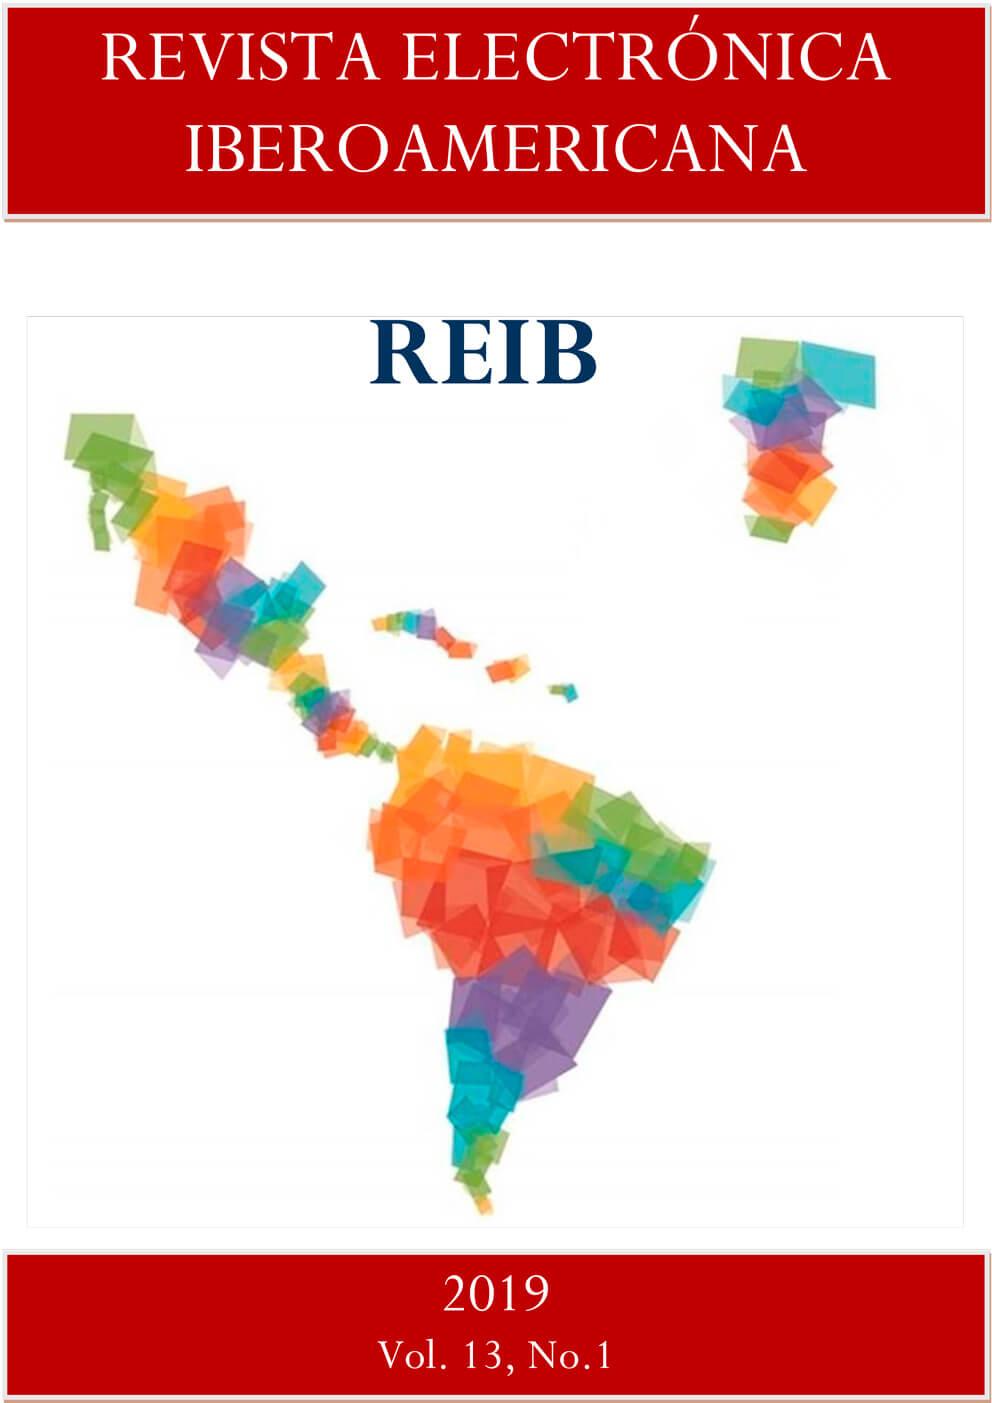 Revista Electrónica Iberoamericana - Vol. 13, No. 1, 2019